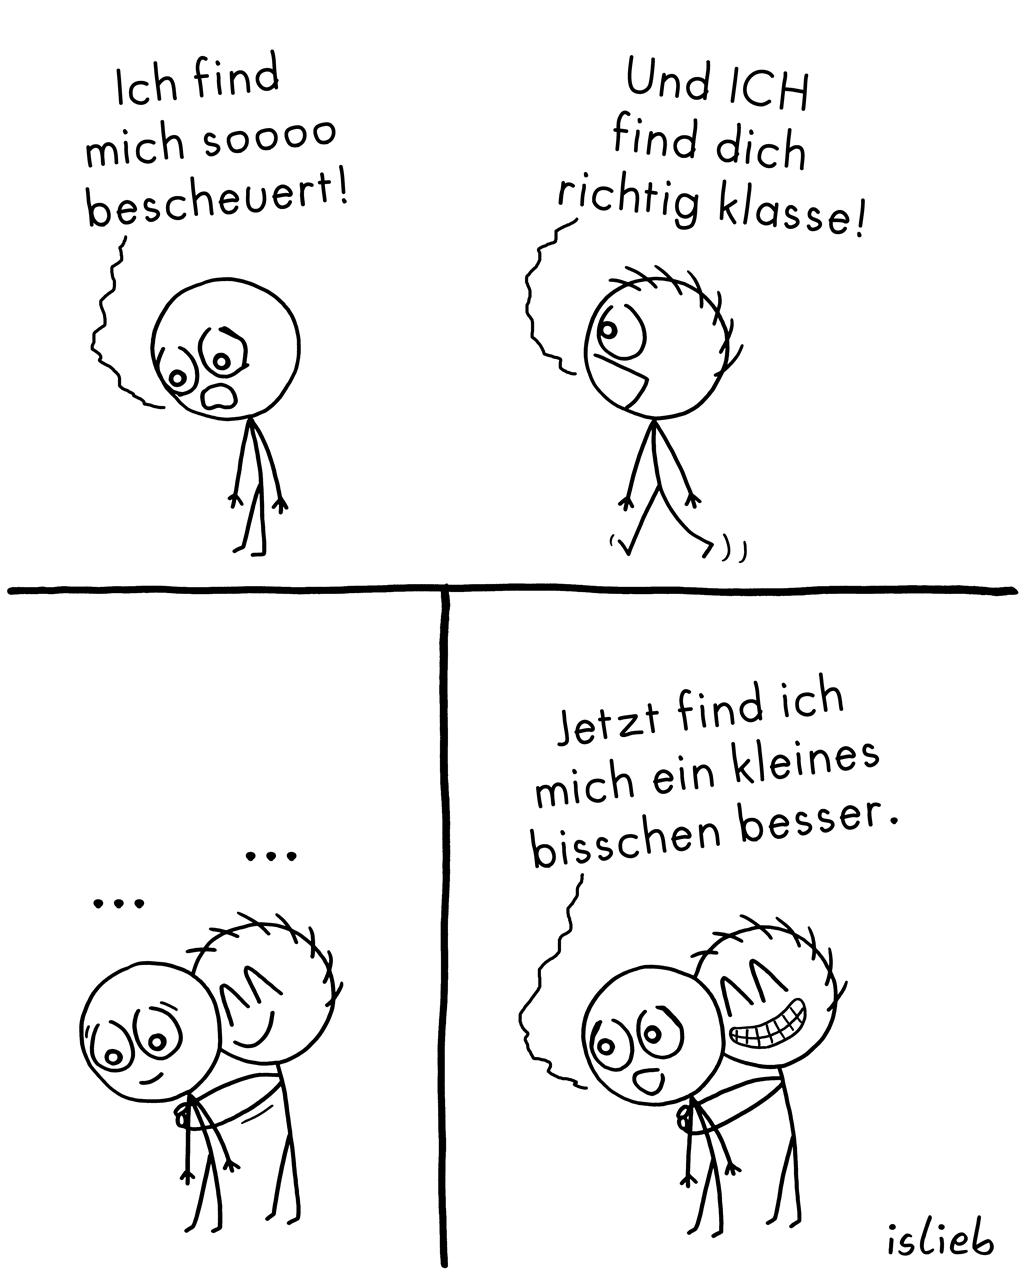 Besser | Strichmännchen-Comic | is lieb?